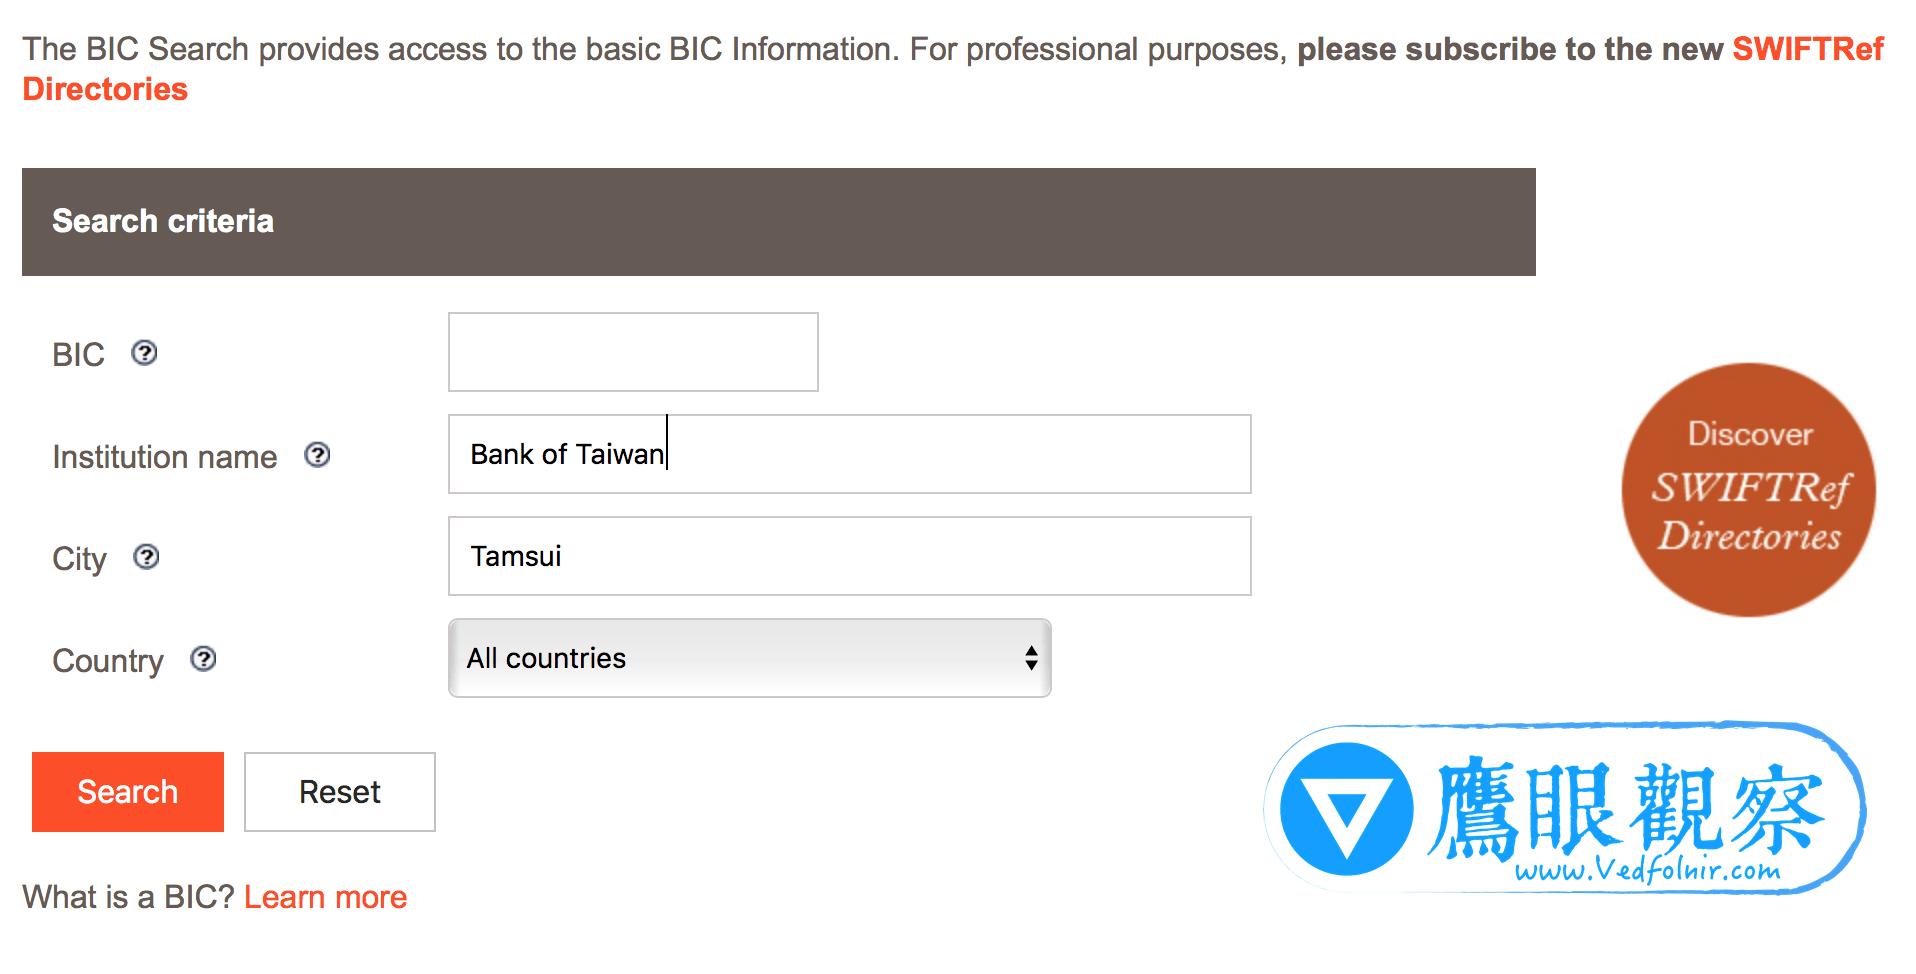 國際匯款/教你查詢各國銀行的 SWIFT/BIC Codes 匯款代碼 • 鷹眼觀察